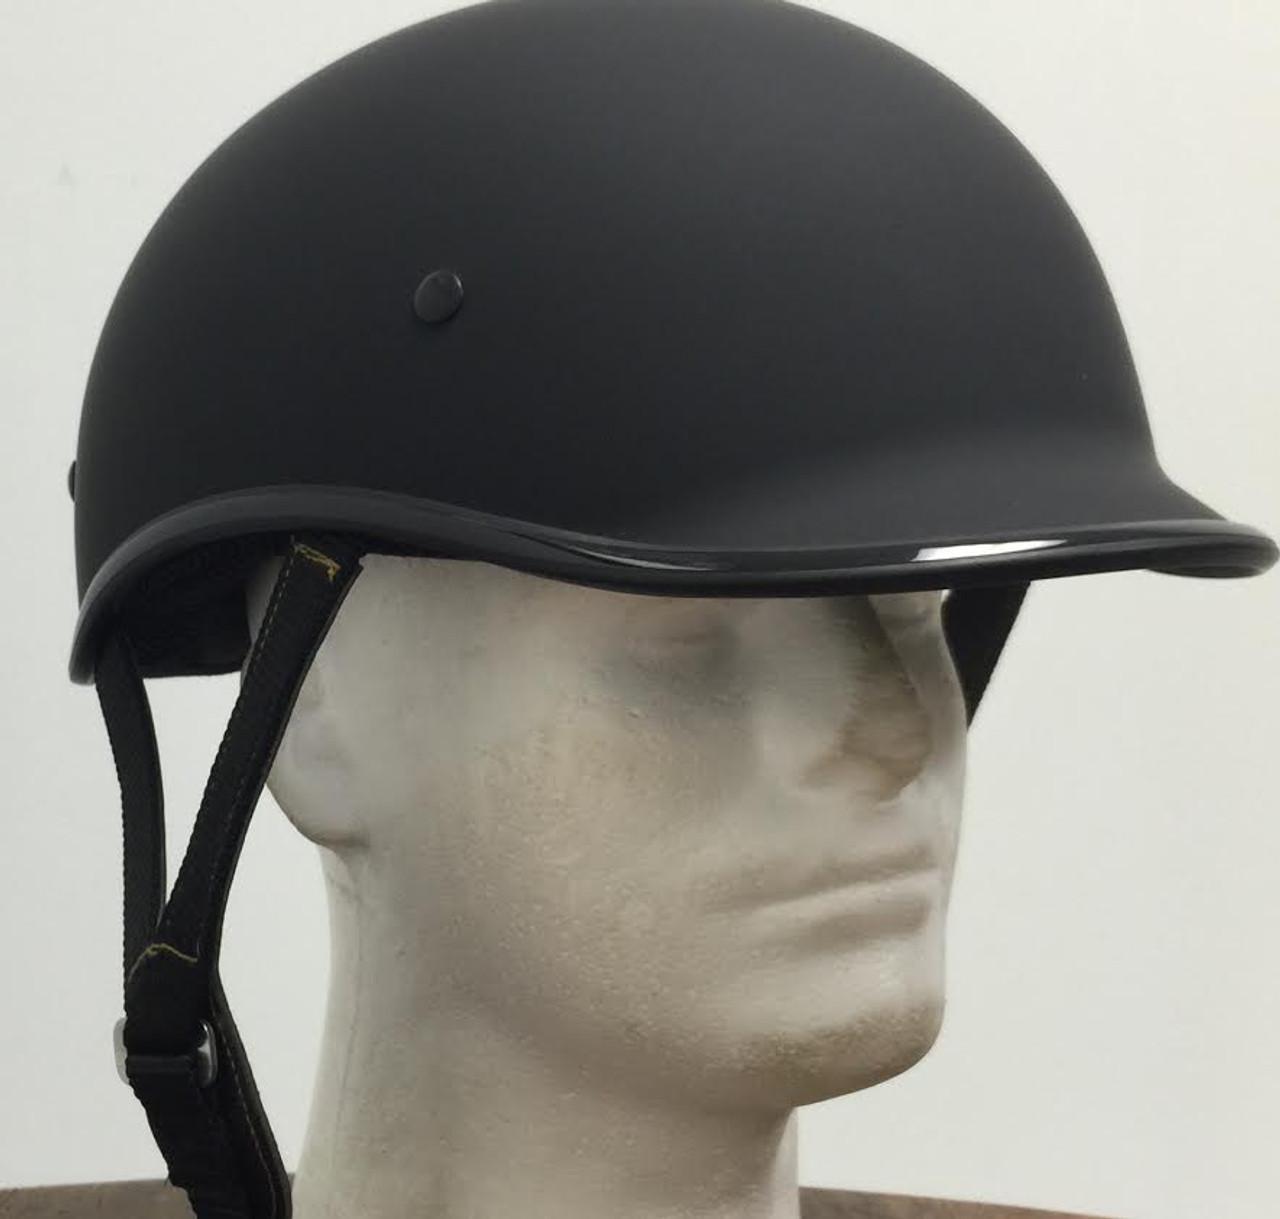 98a4f6fb49d DOT Polo Jockey Flat Black Motorcycle Helmet